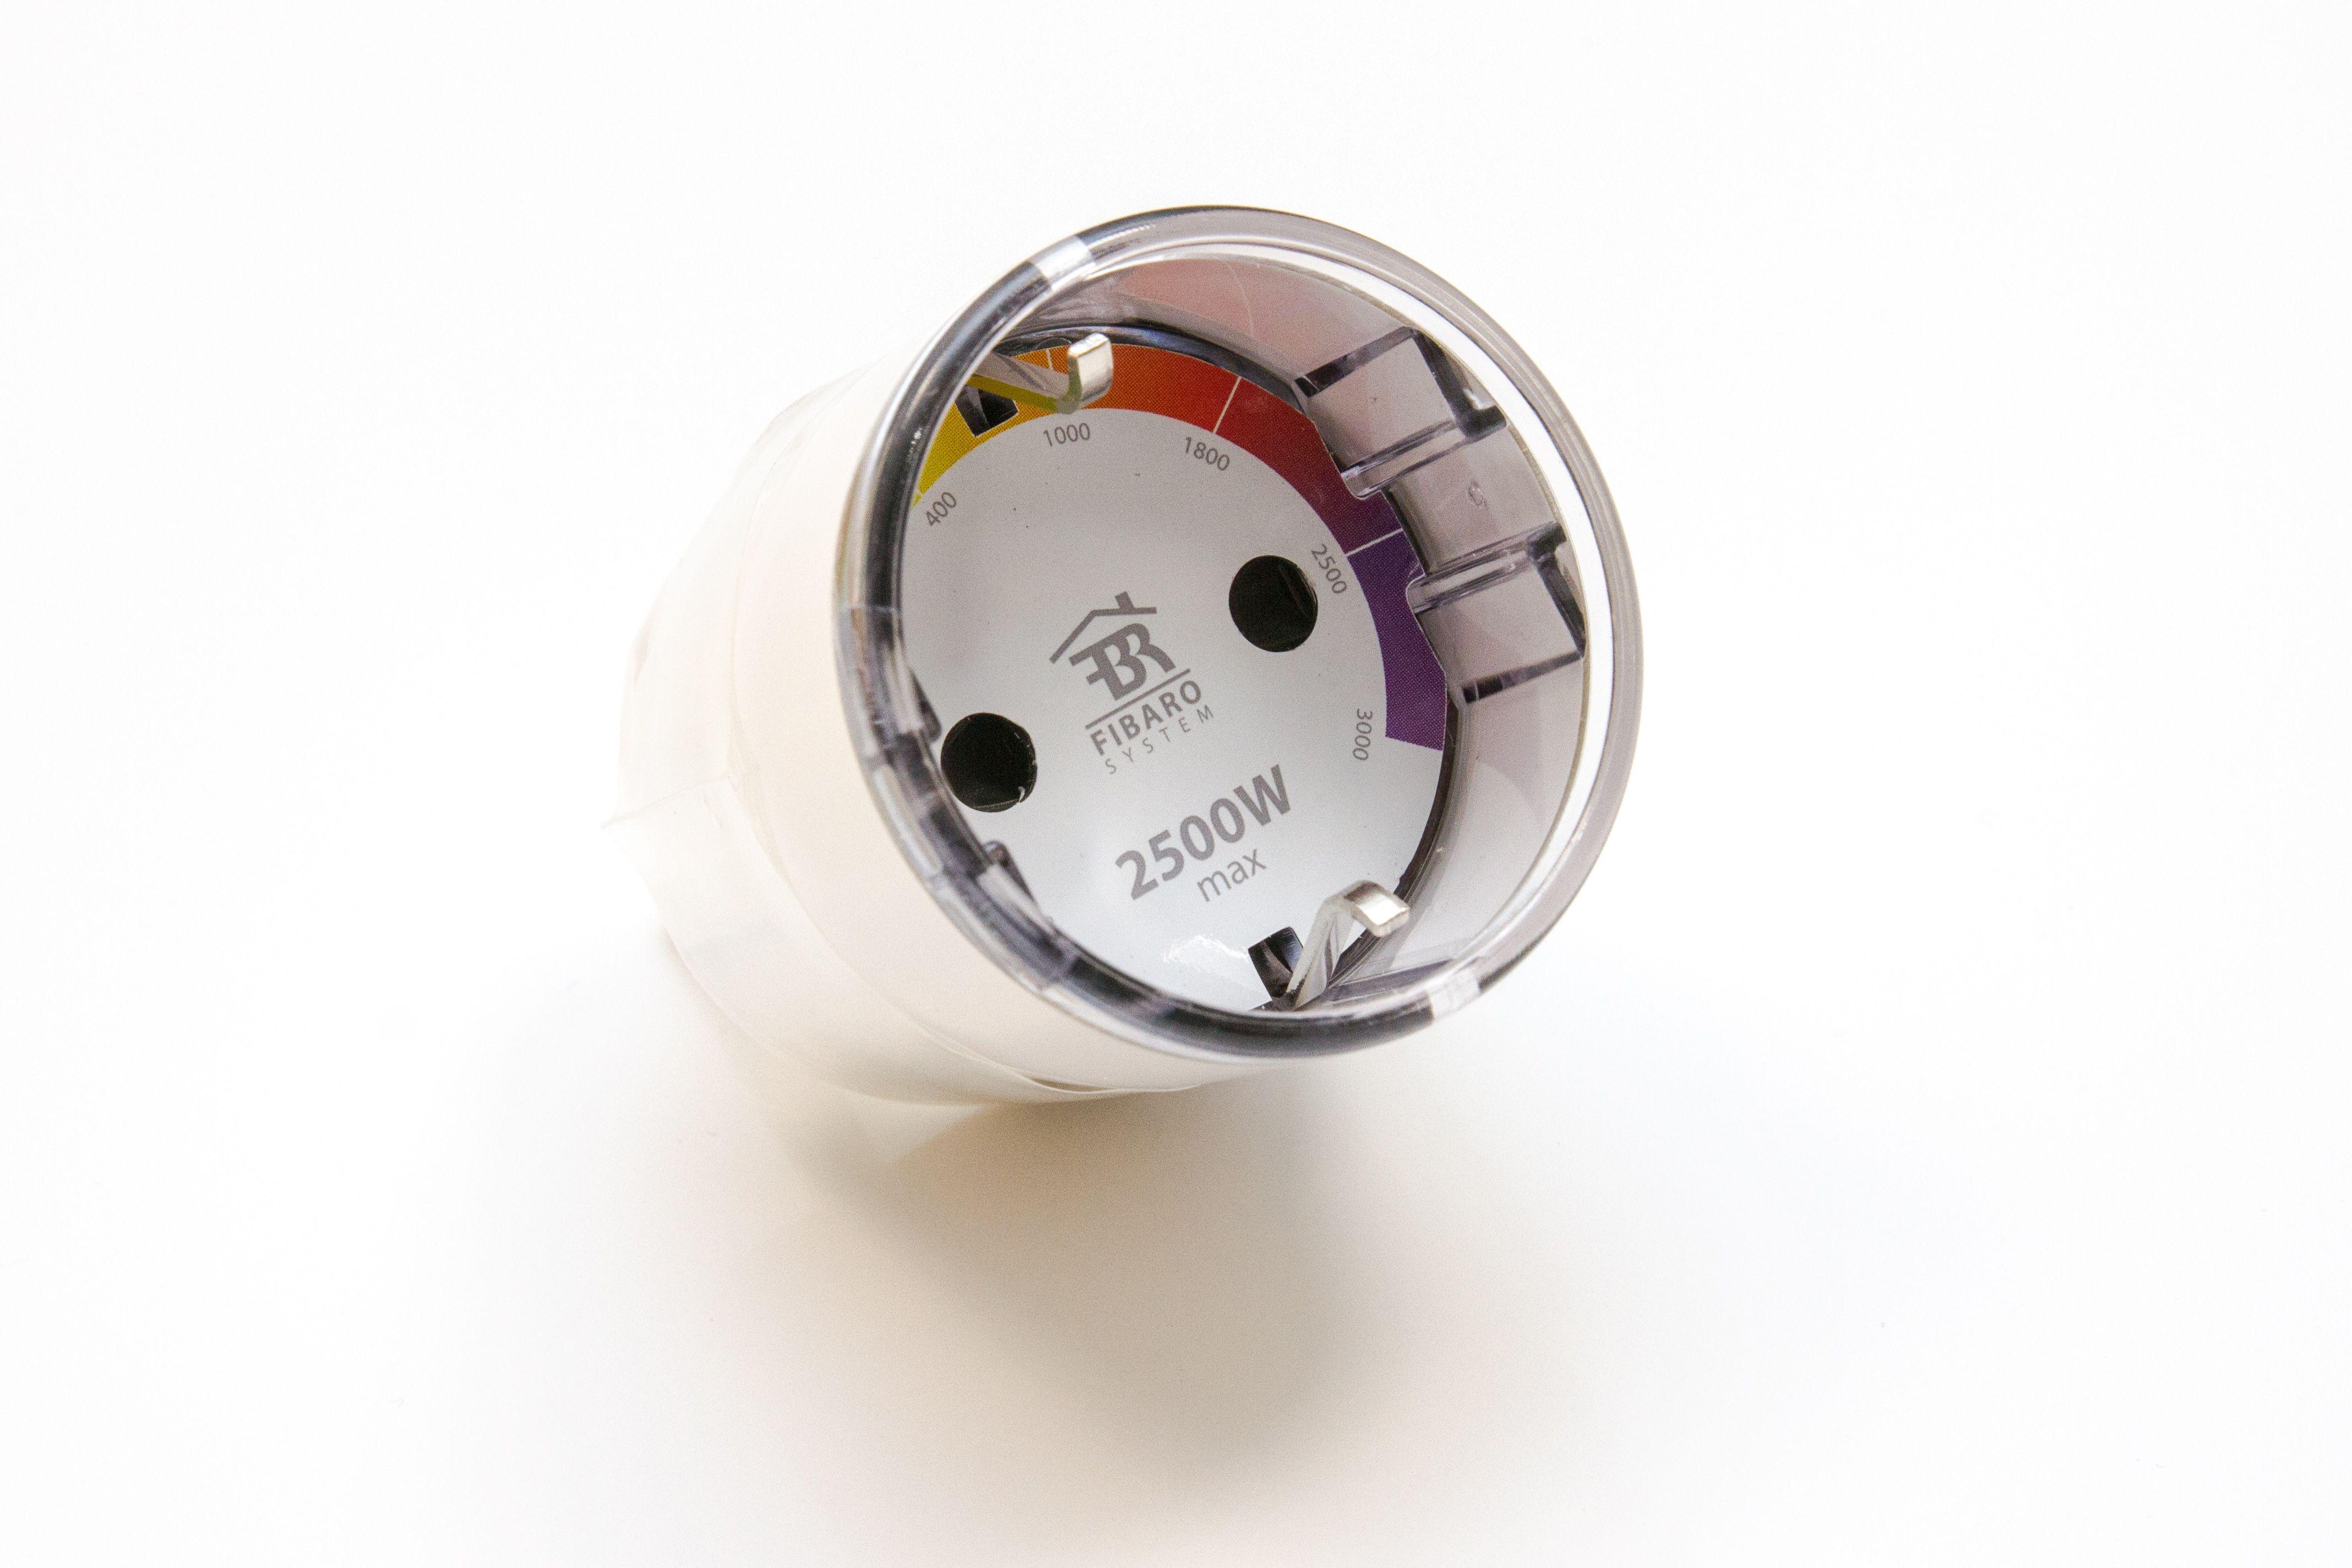 Sensores y controles inteligentes para el hogar en Tarragona